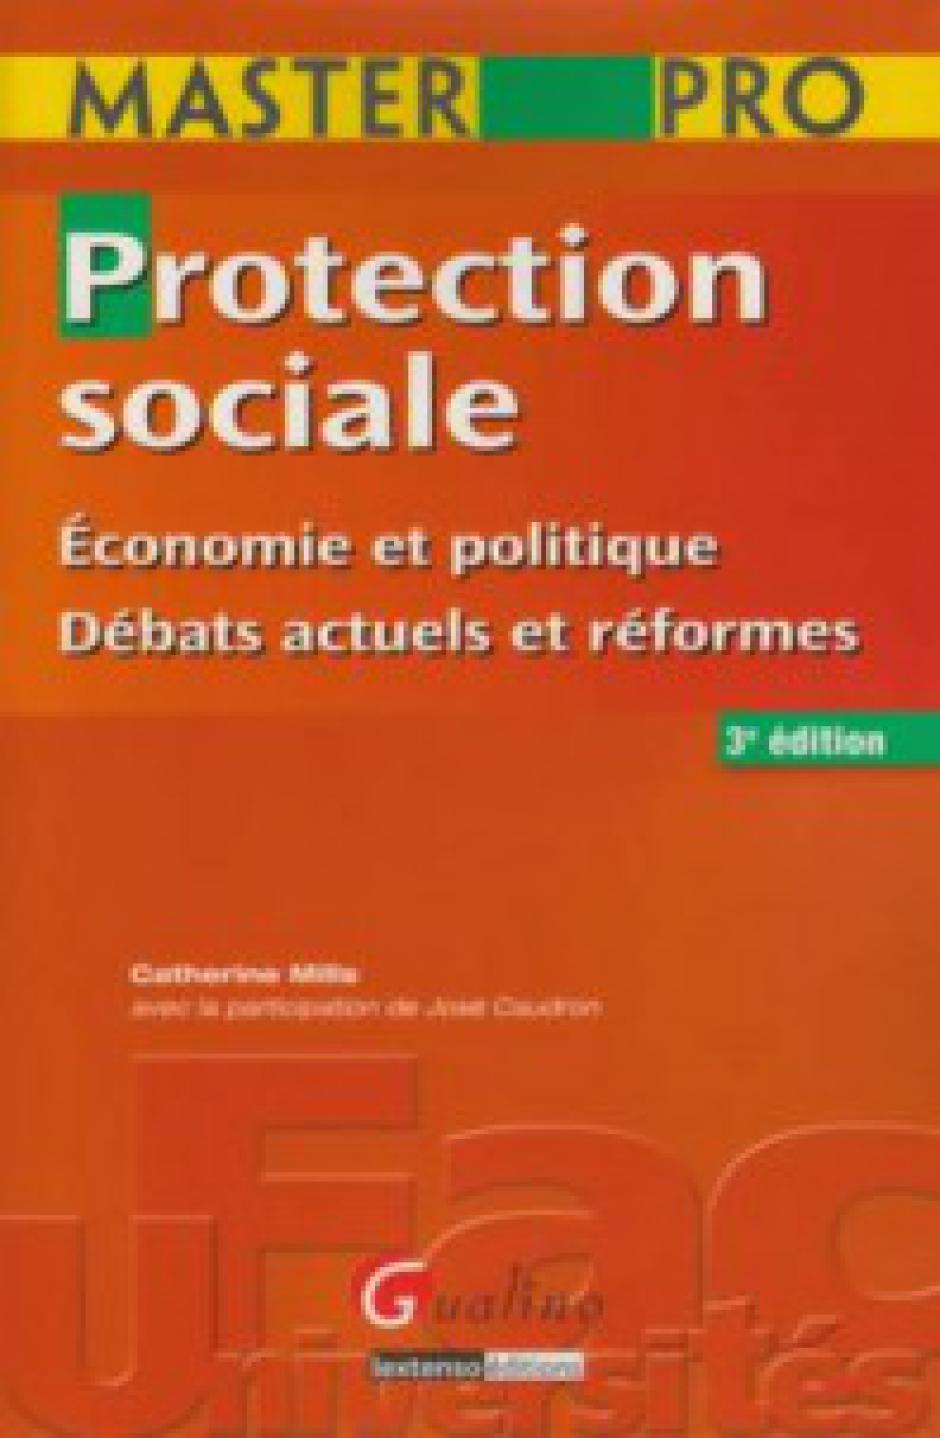 Master Pro - Protection sociale Économie et politique - Débats actuels et réformes (Mills C. et Caudron J.)